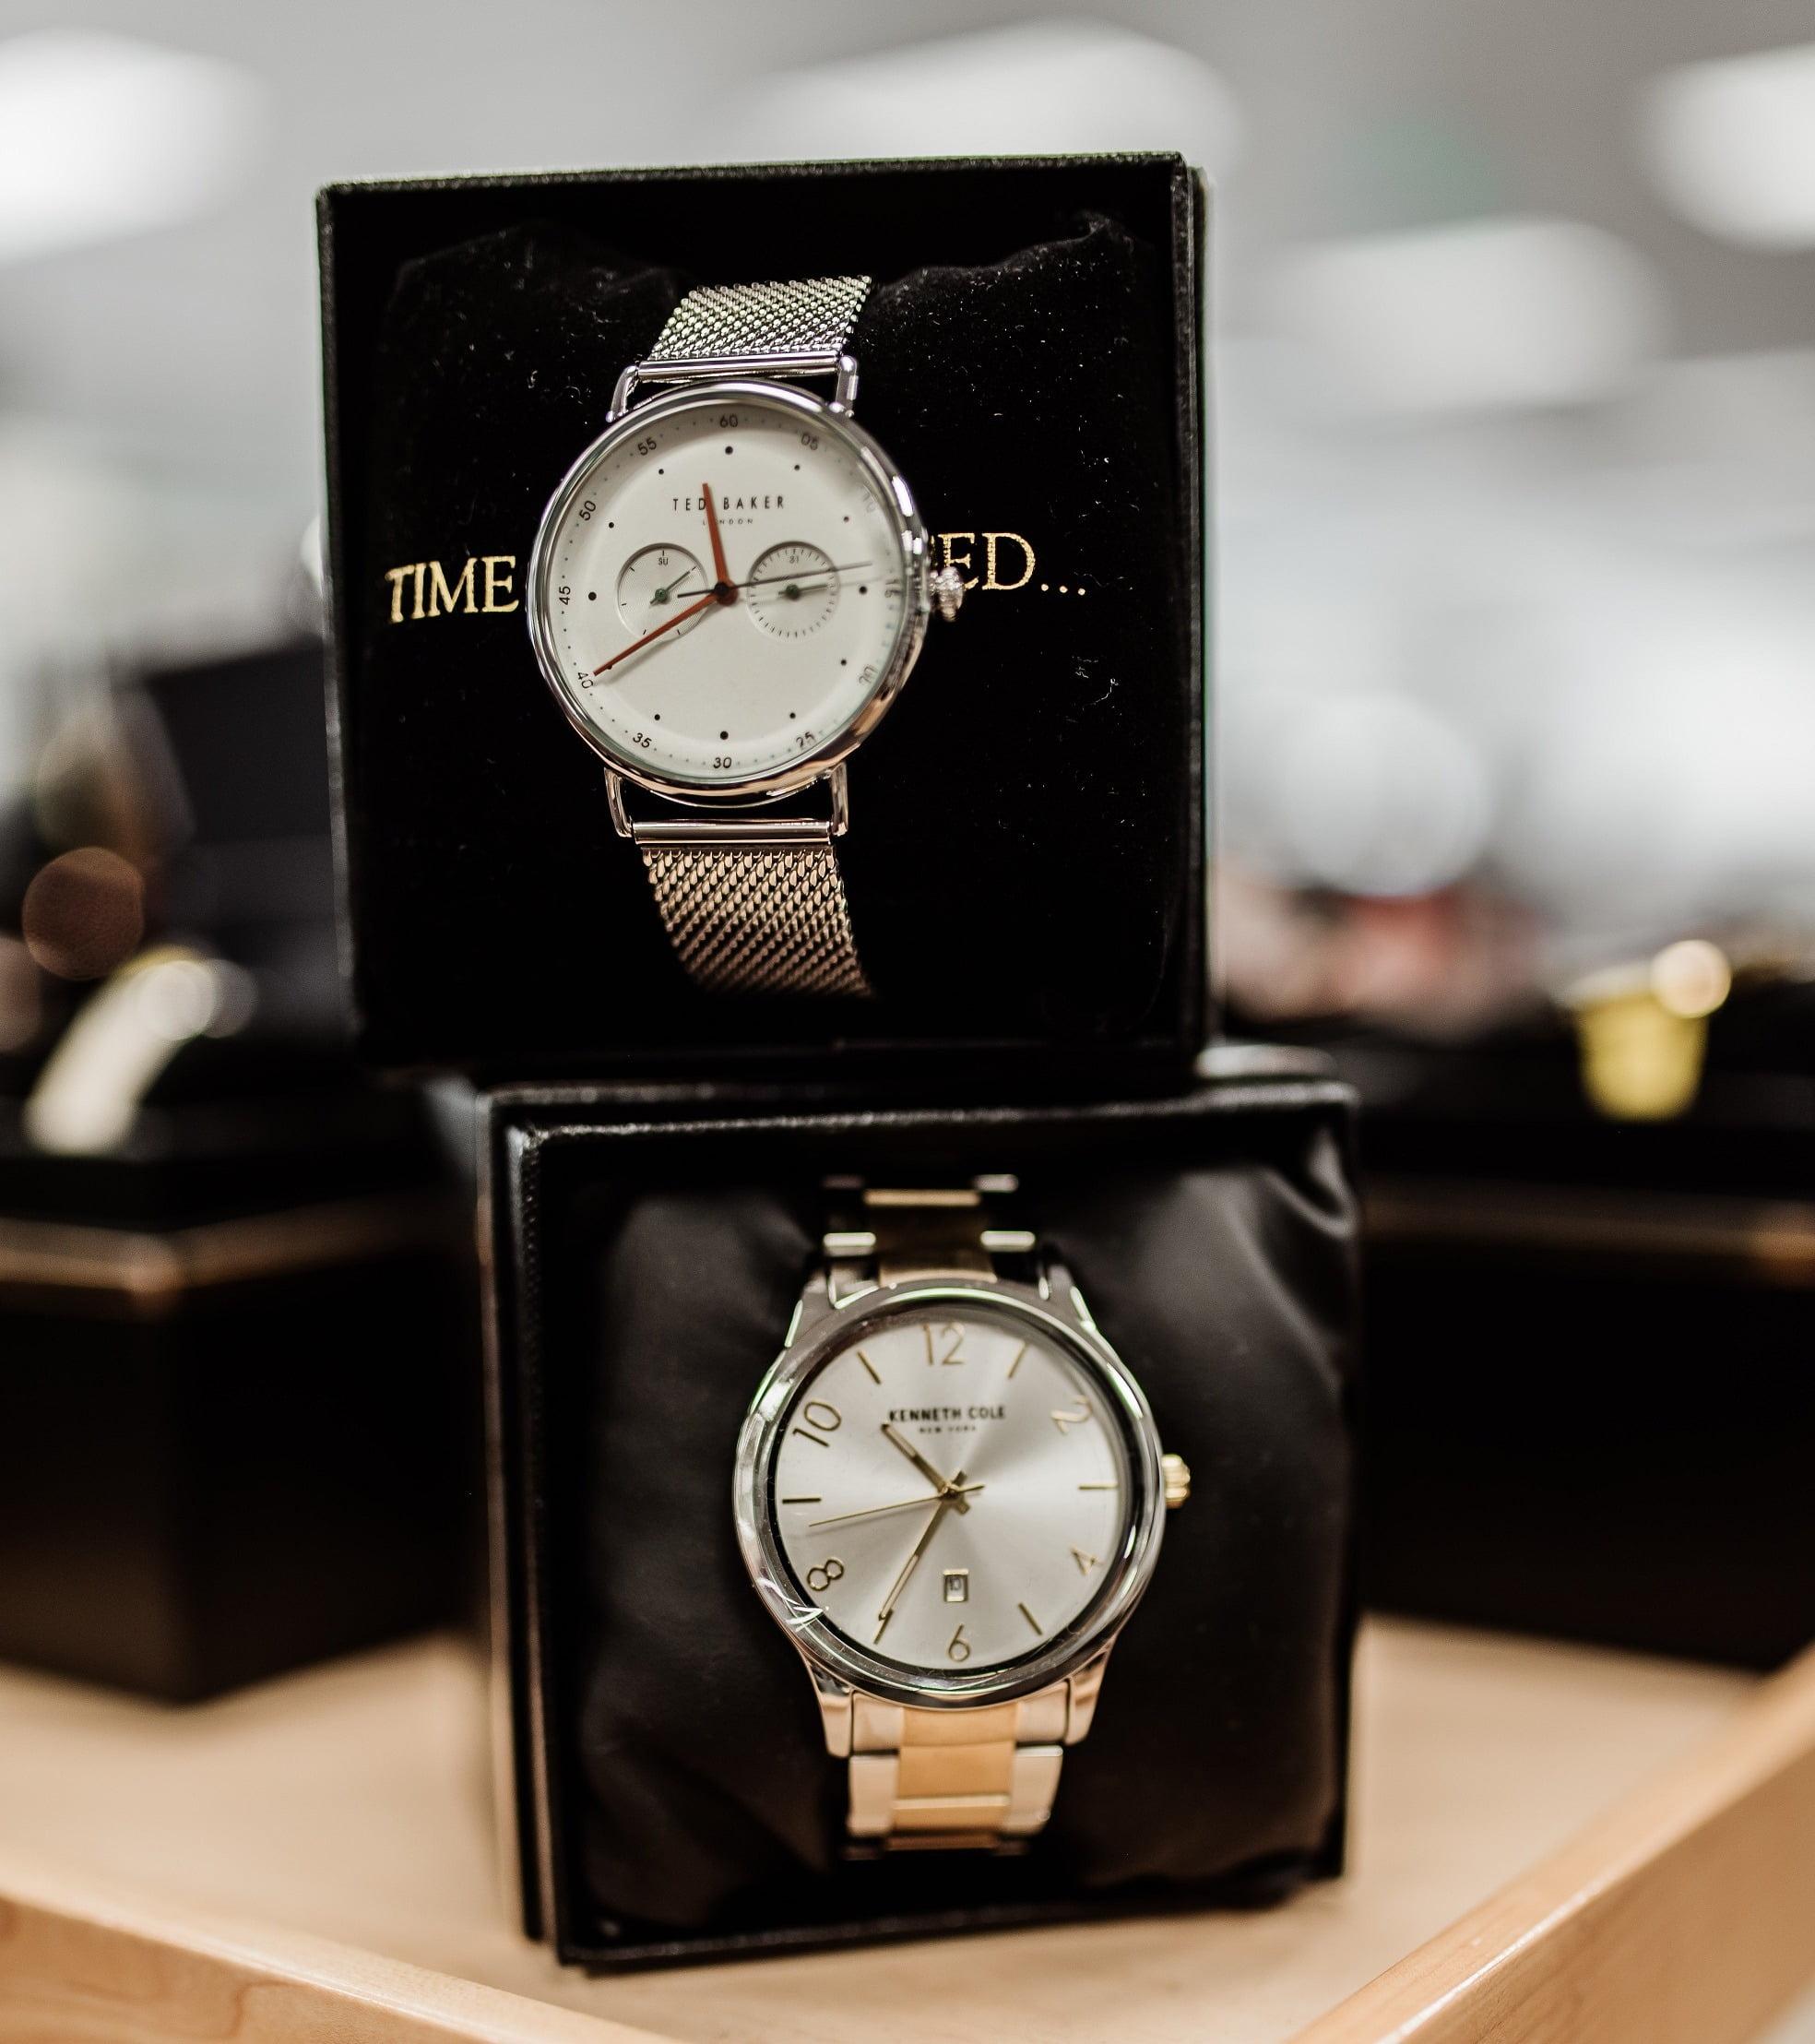 Zegarki Cluse opinie – czy są to zegarki dobrej jakości?